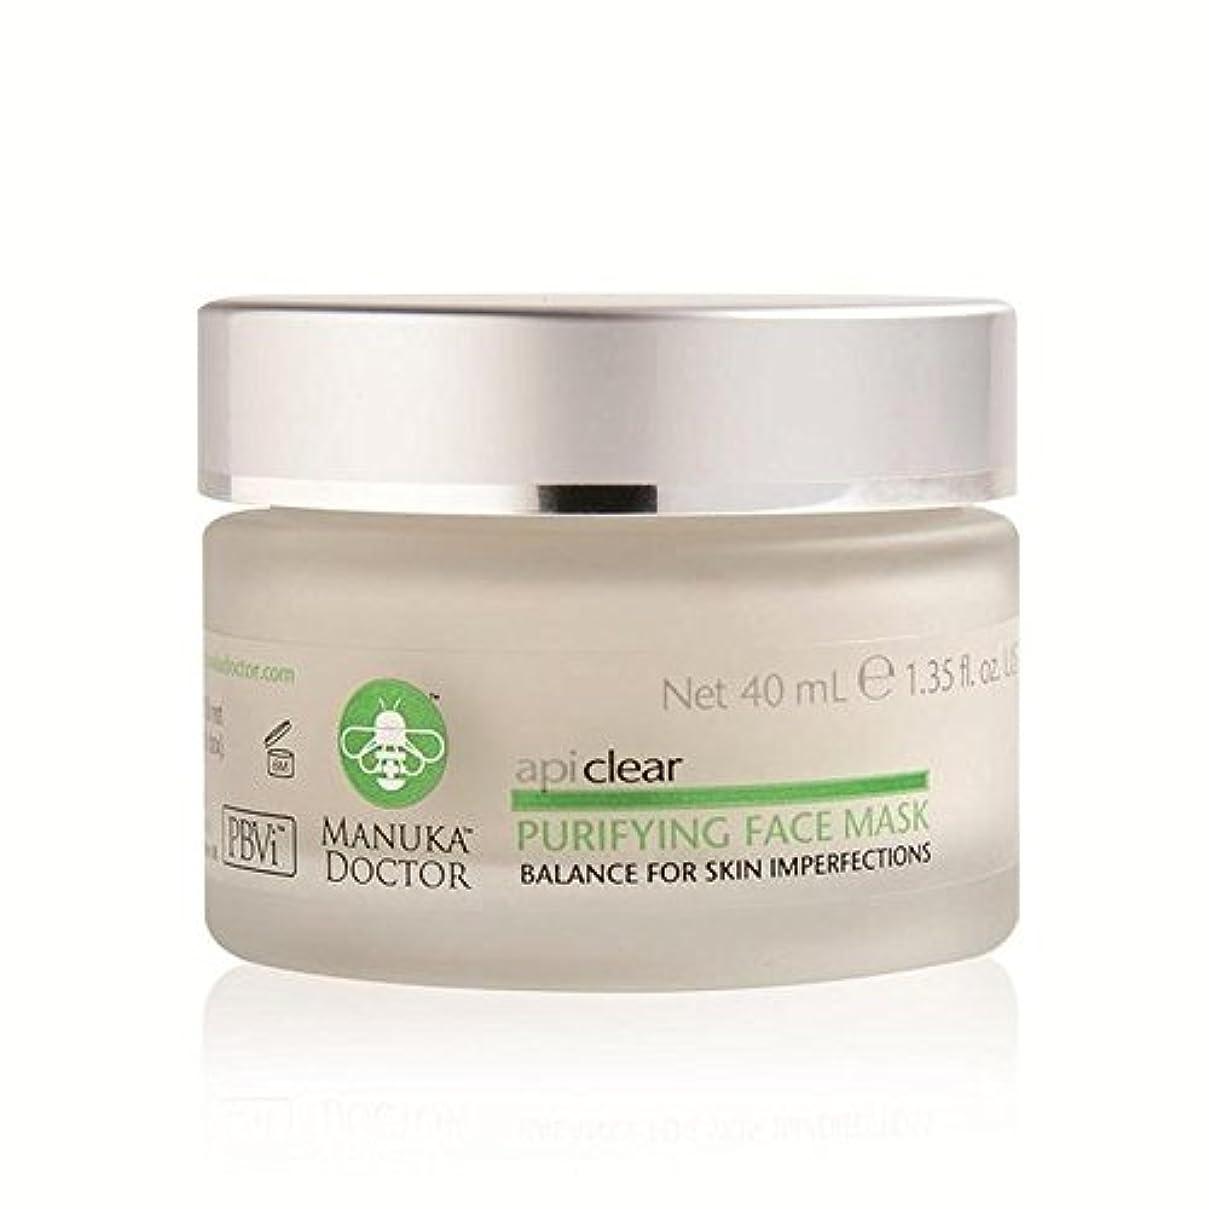 落胆させるまどろみのある乳製品マヌカドクター明確な浄化フェイスマスク40ミリリットル x4 - Manuka Doctor Api Clear Purifying Face Mask 40ml (Pack of 4) [並行輸入品]